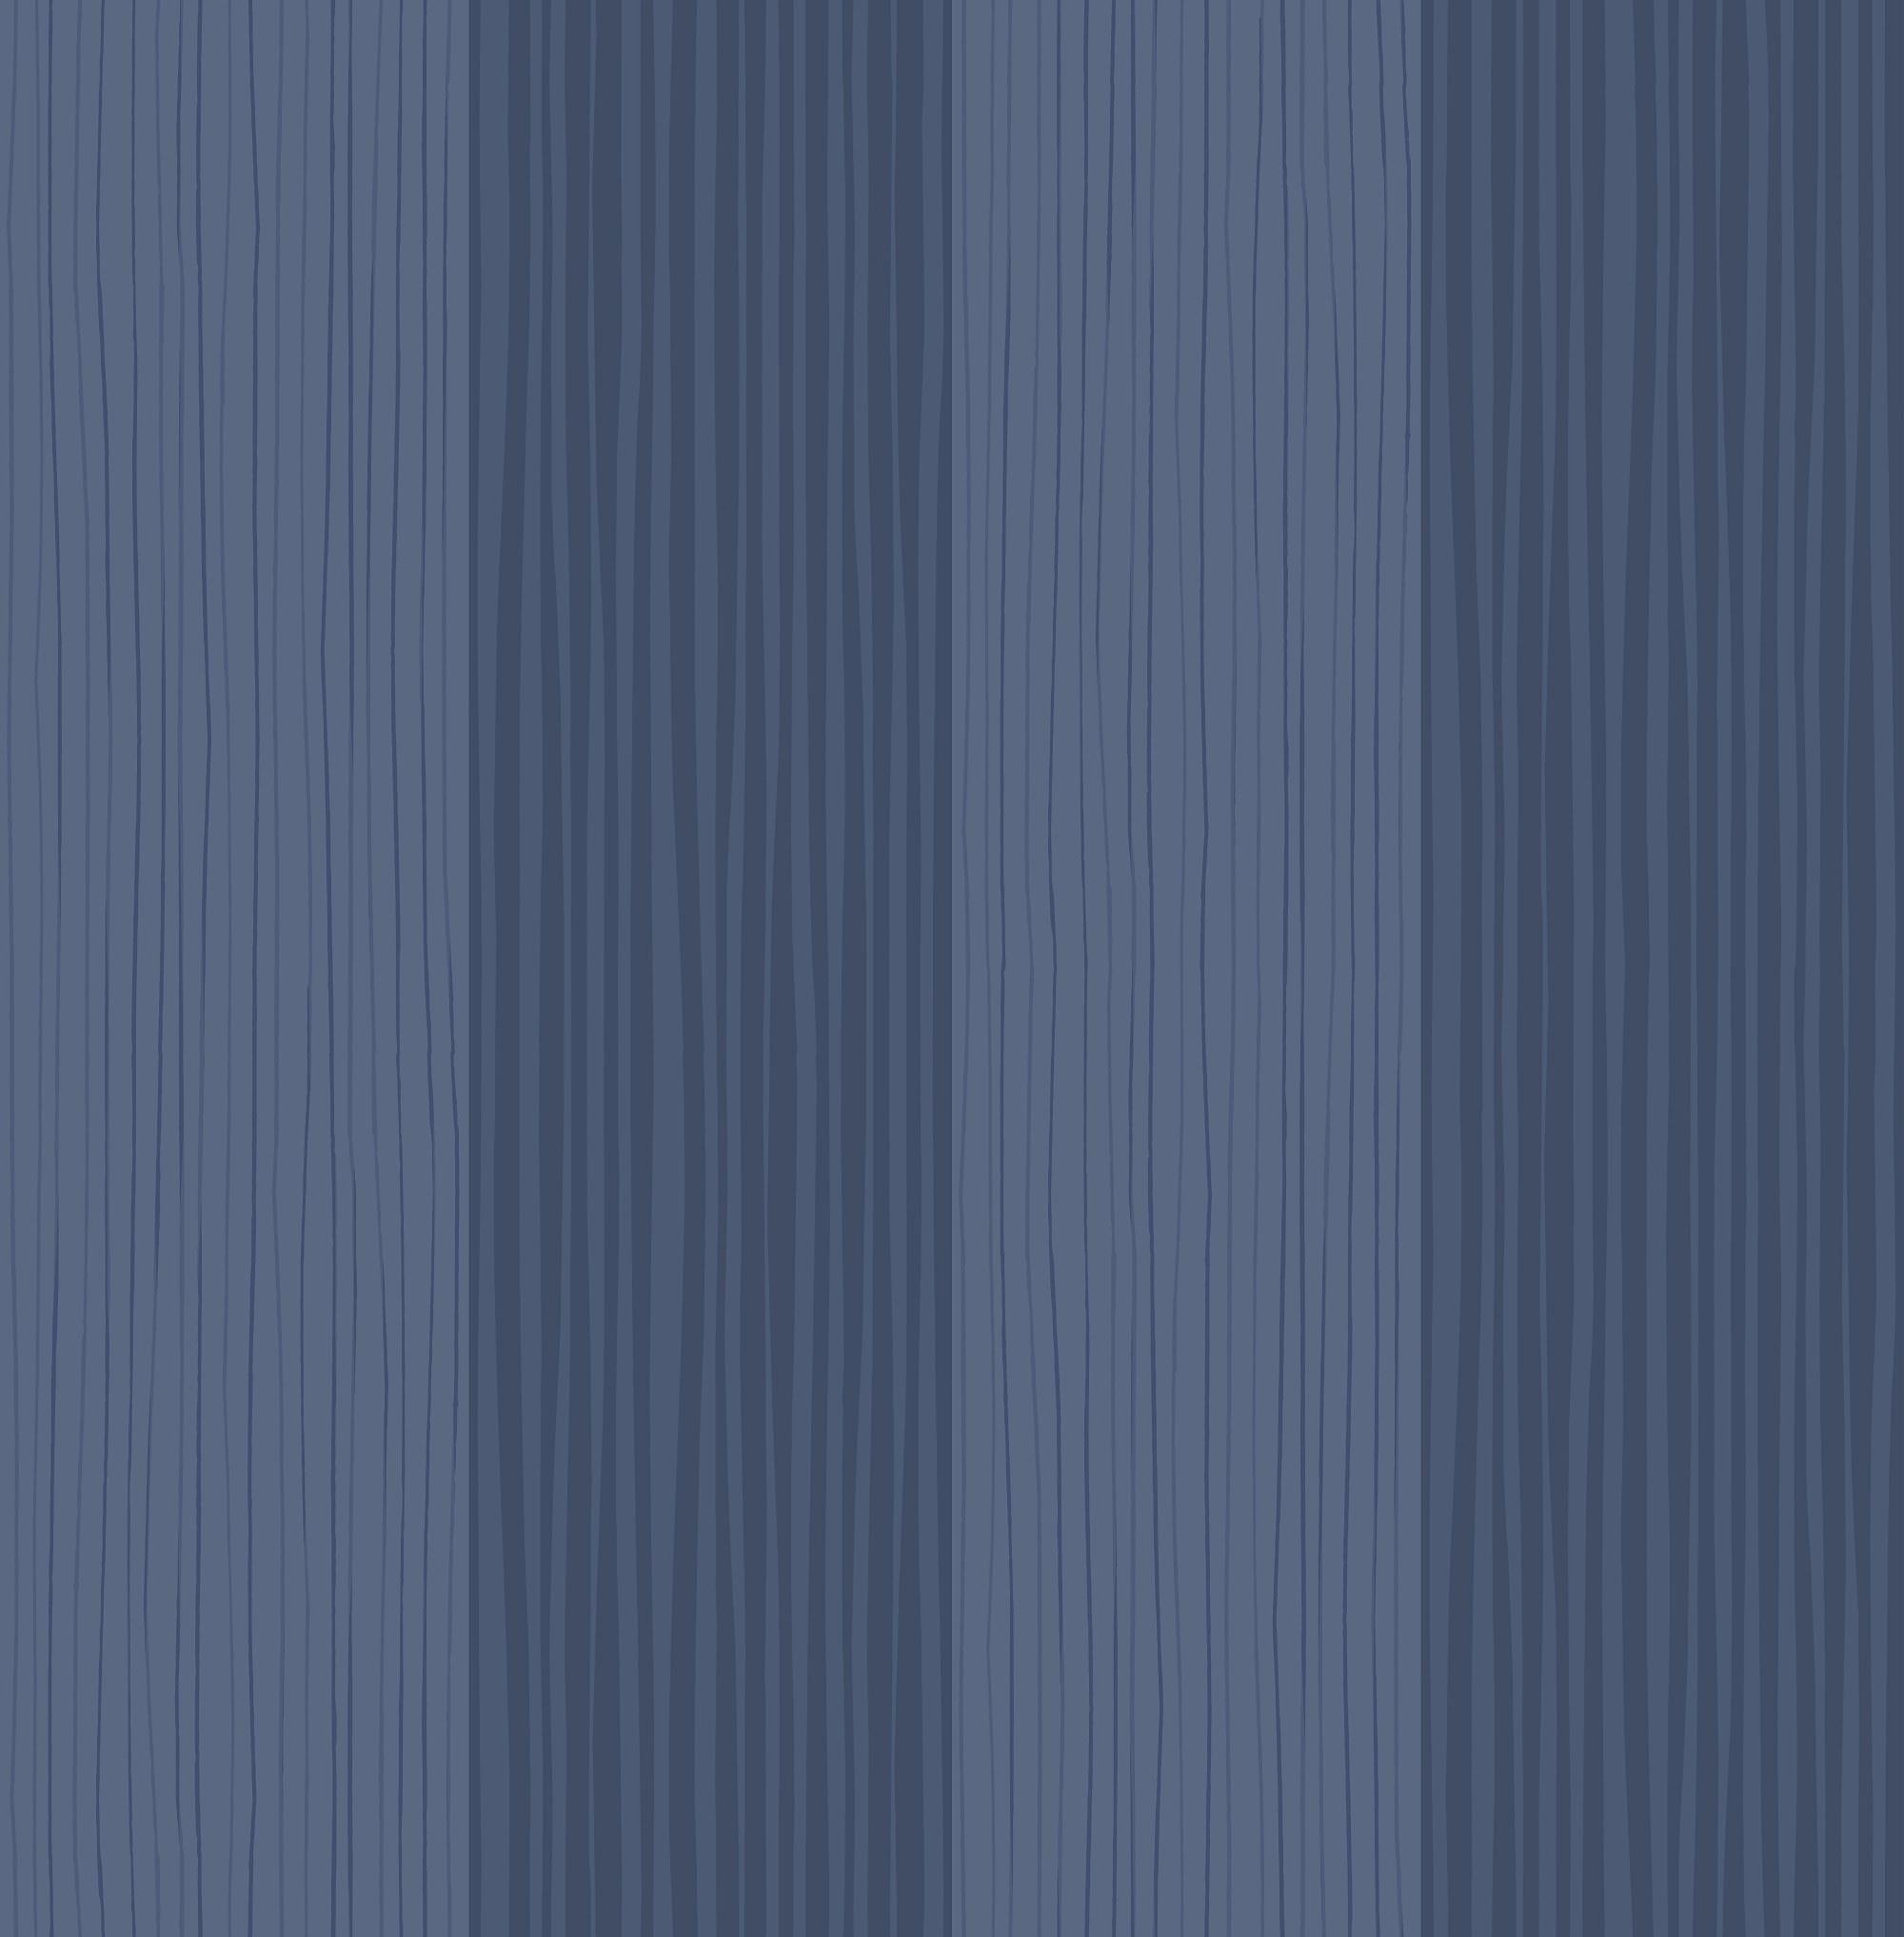 Wallquest Stripes